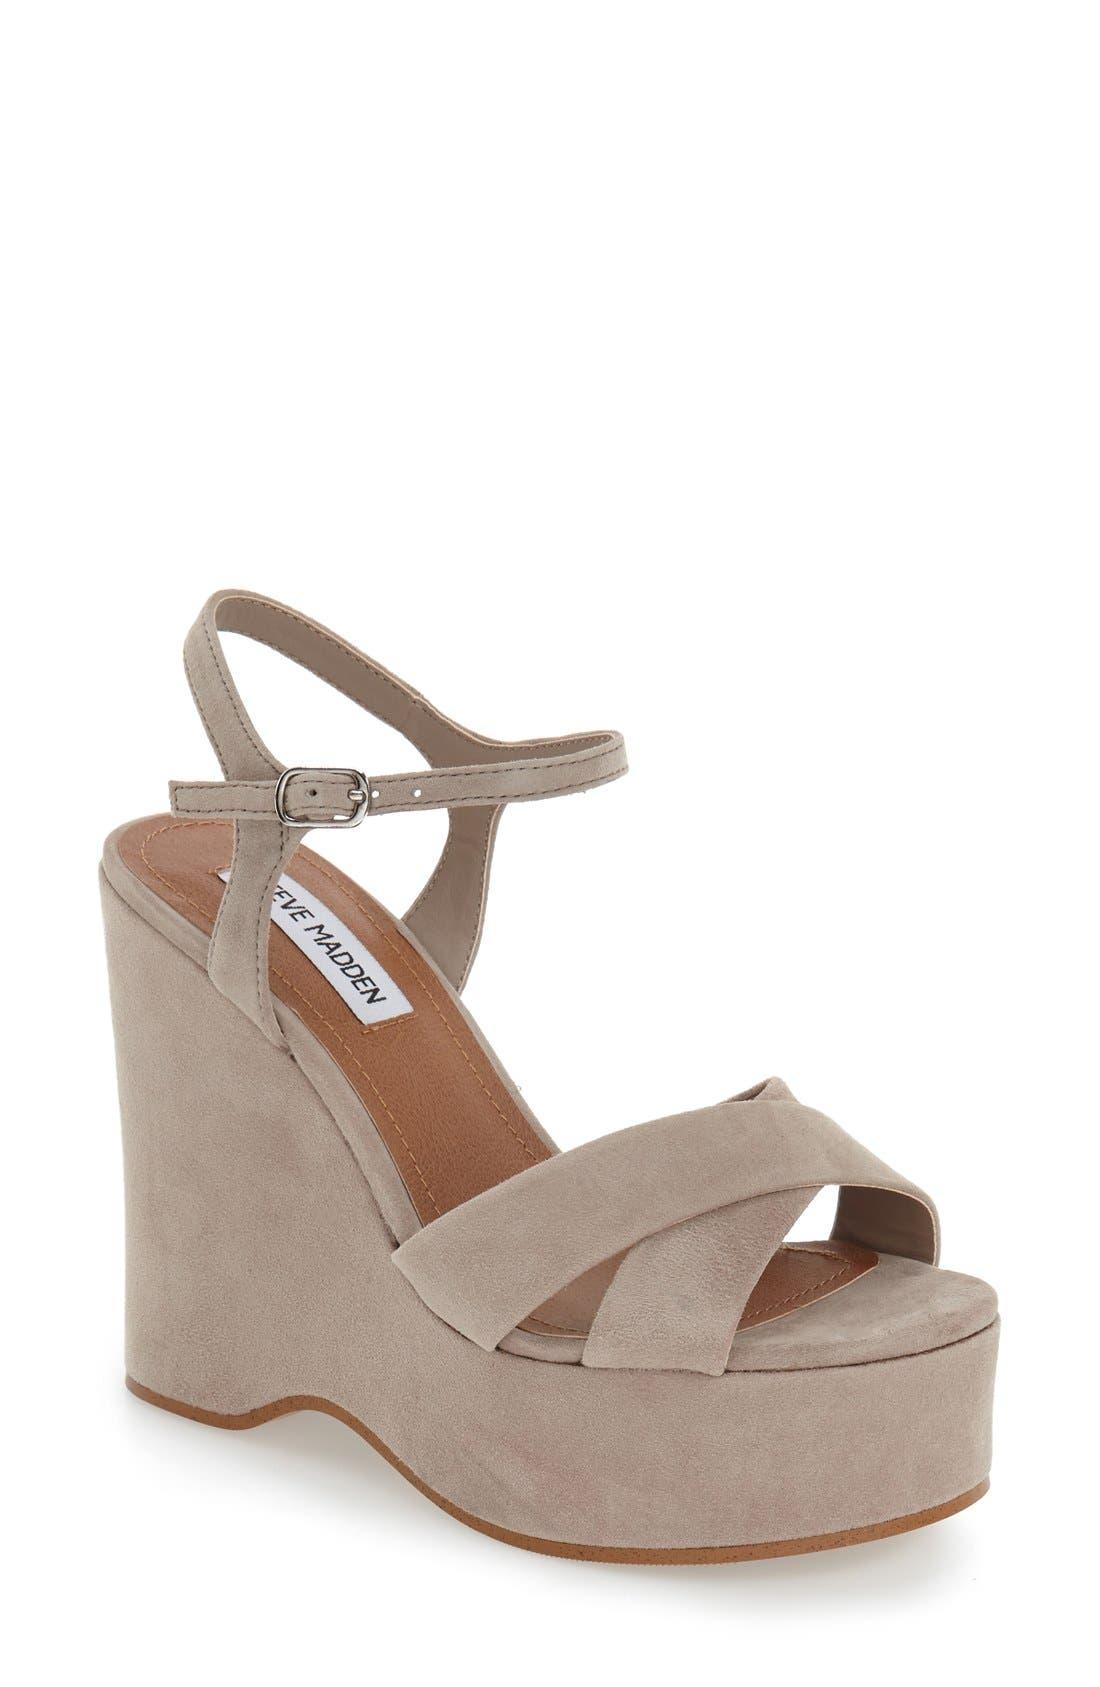 Alternate Image 1 Selected - Steve Madden 'Casper' Platform Wedge Sandal (Women)